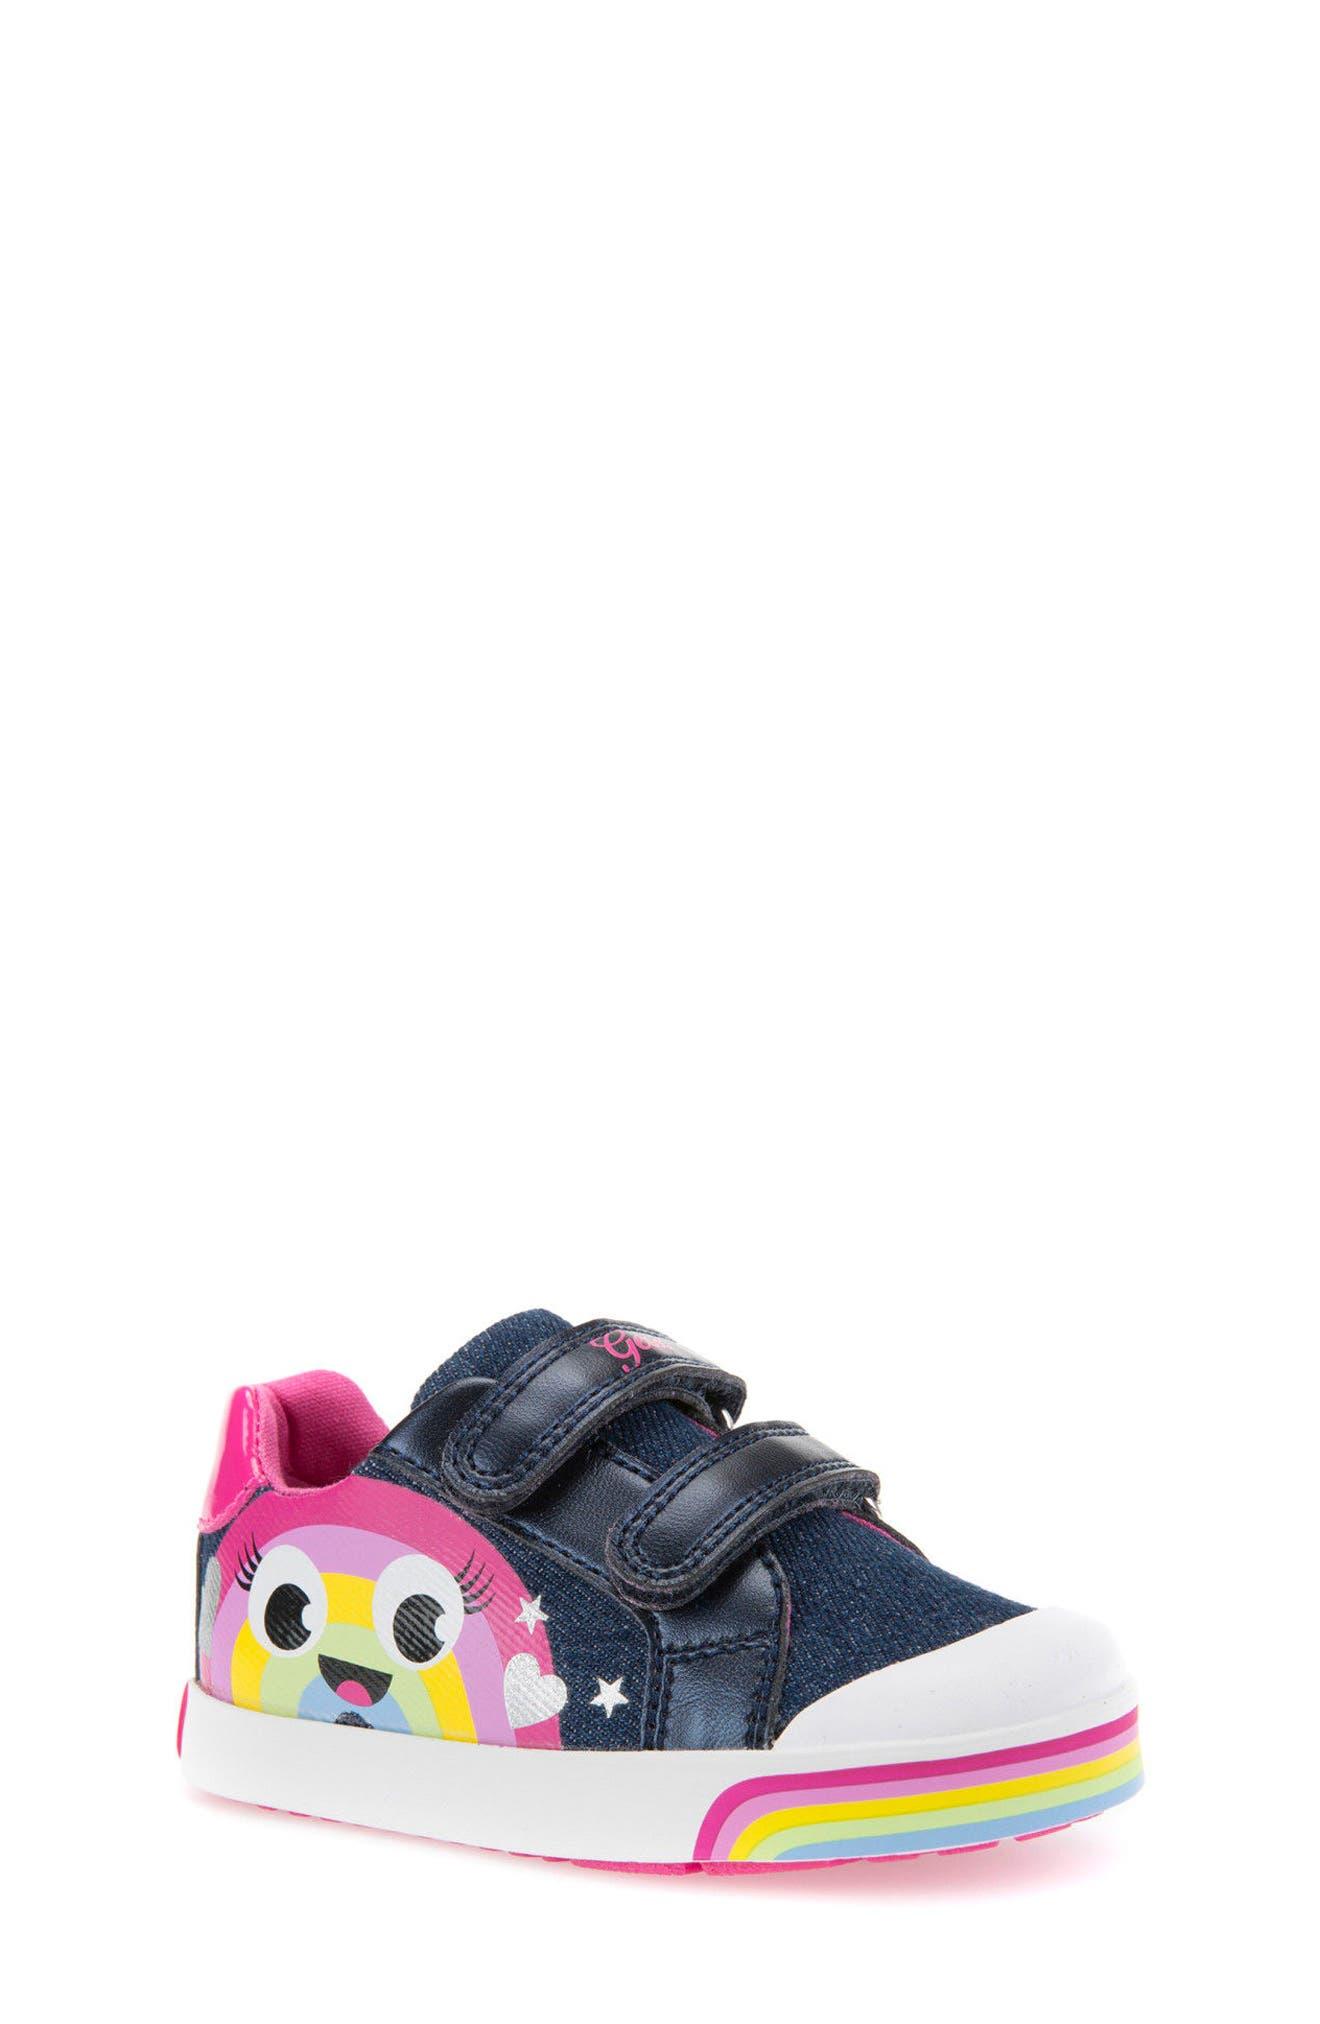 Kilwi Low Top Sneaker,                             Main thumbnail 1, color,                             Avio/ Multicolor